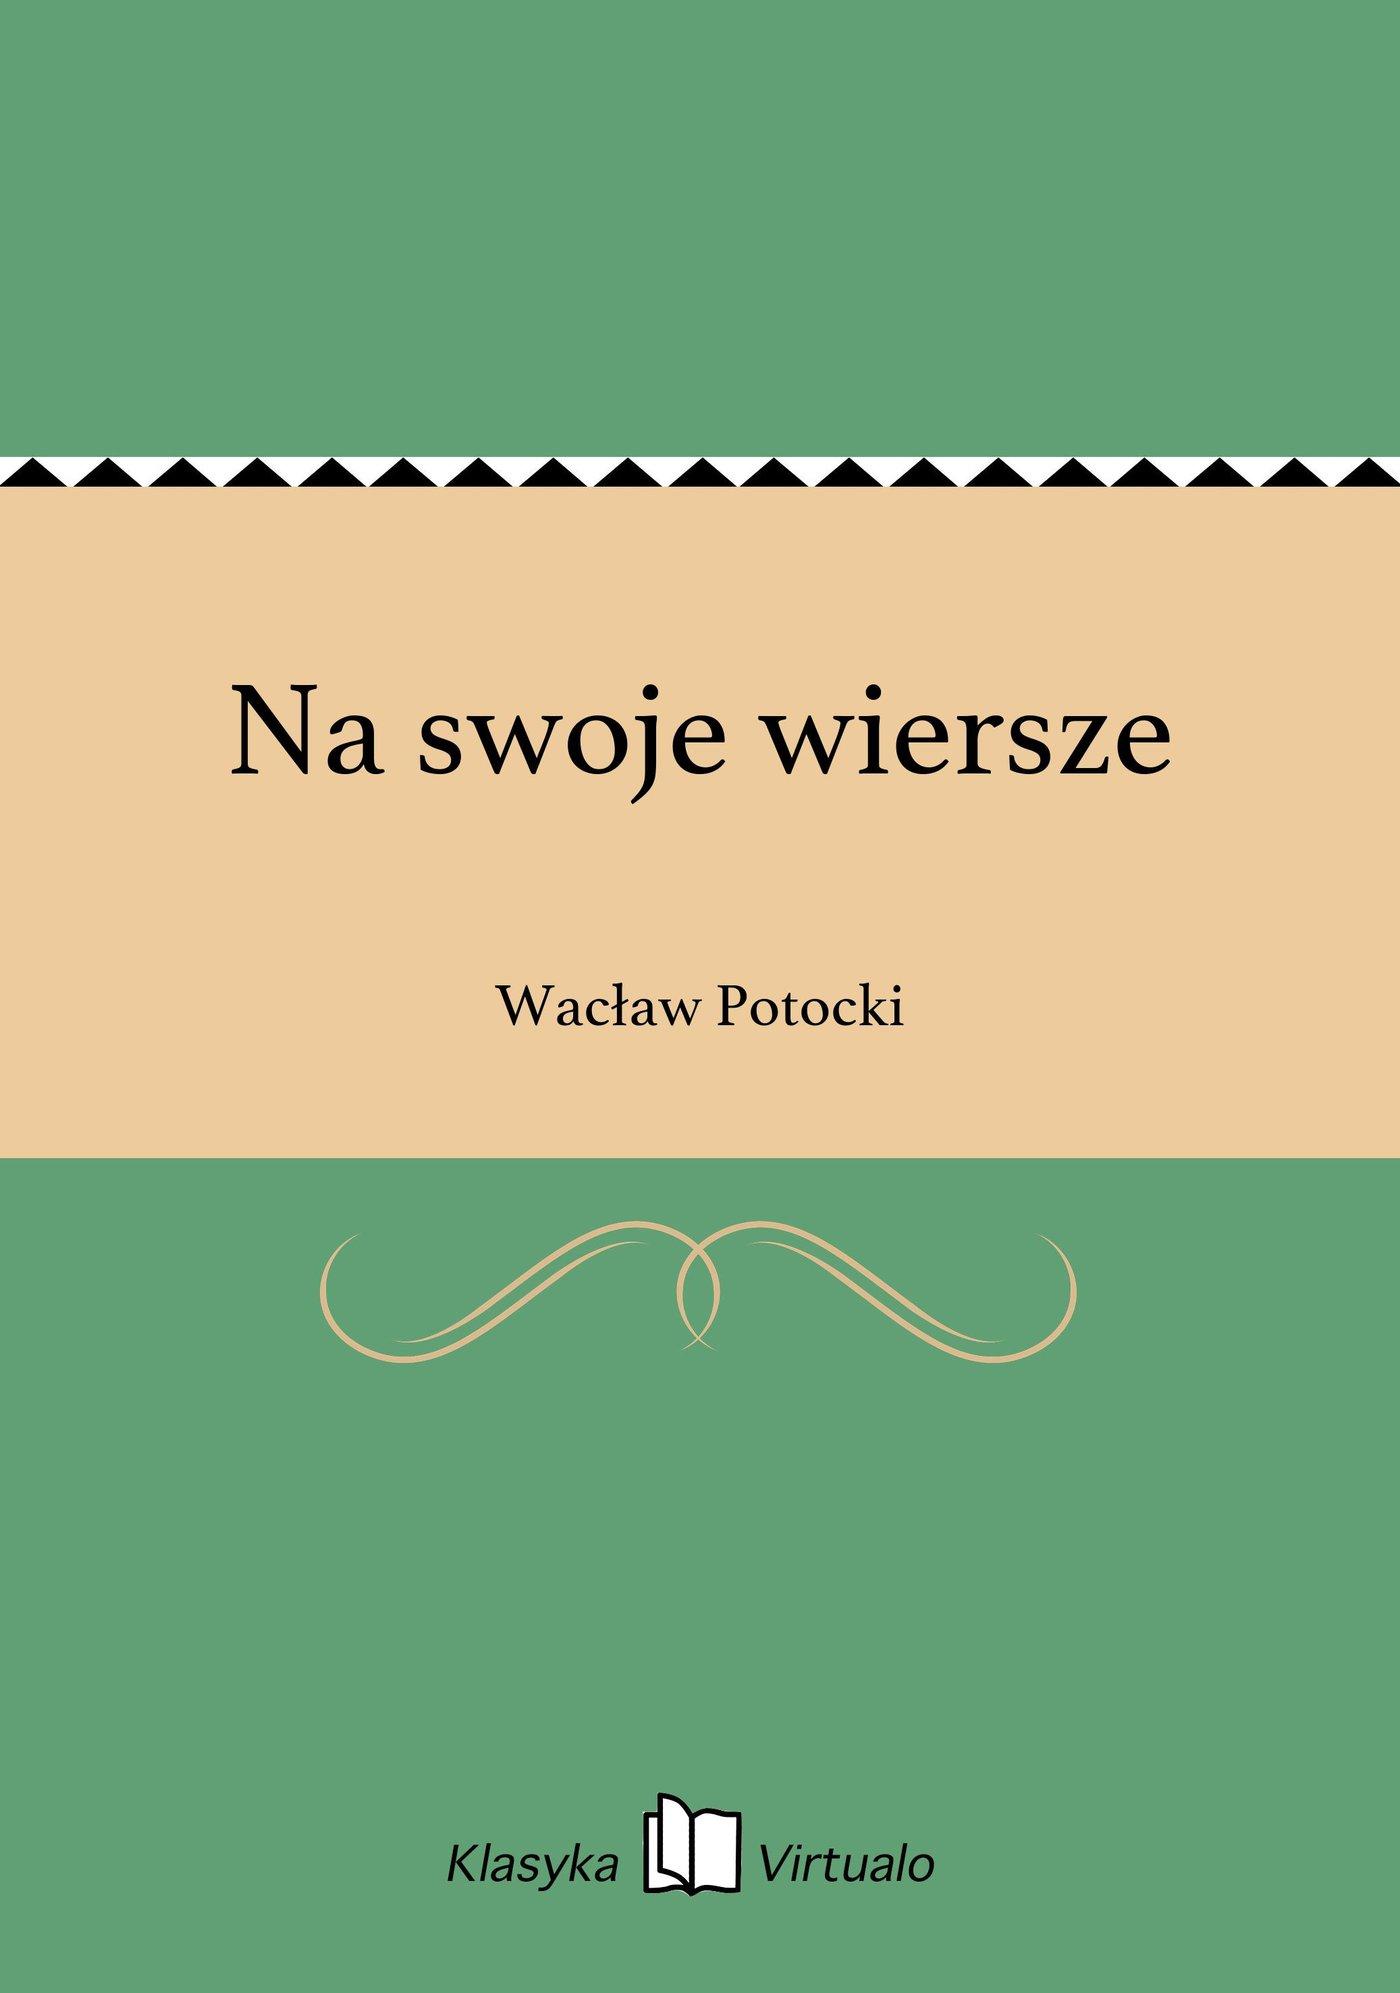 Na swoje wiersze - Ebook (Książka EPUB) do pobrania w formacie EPUB